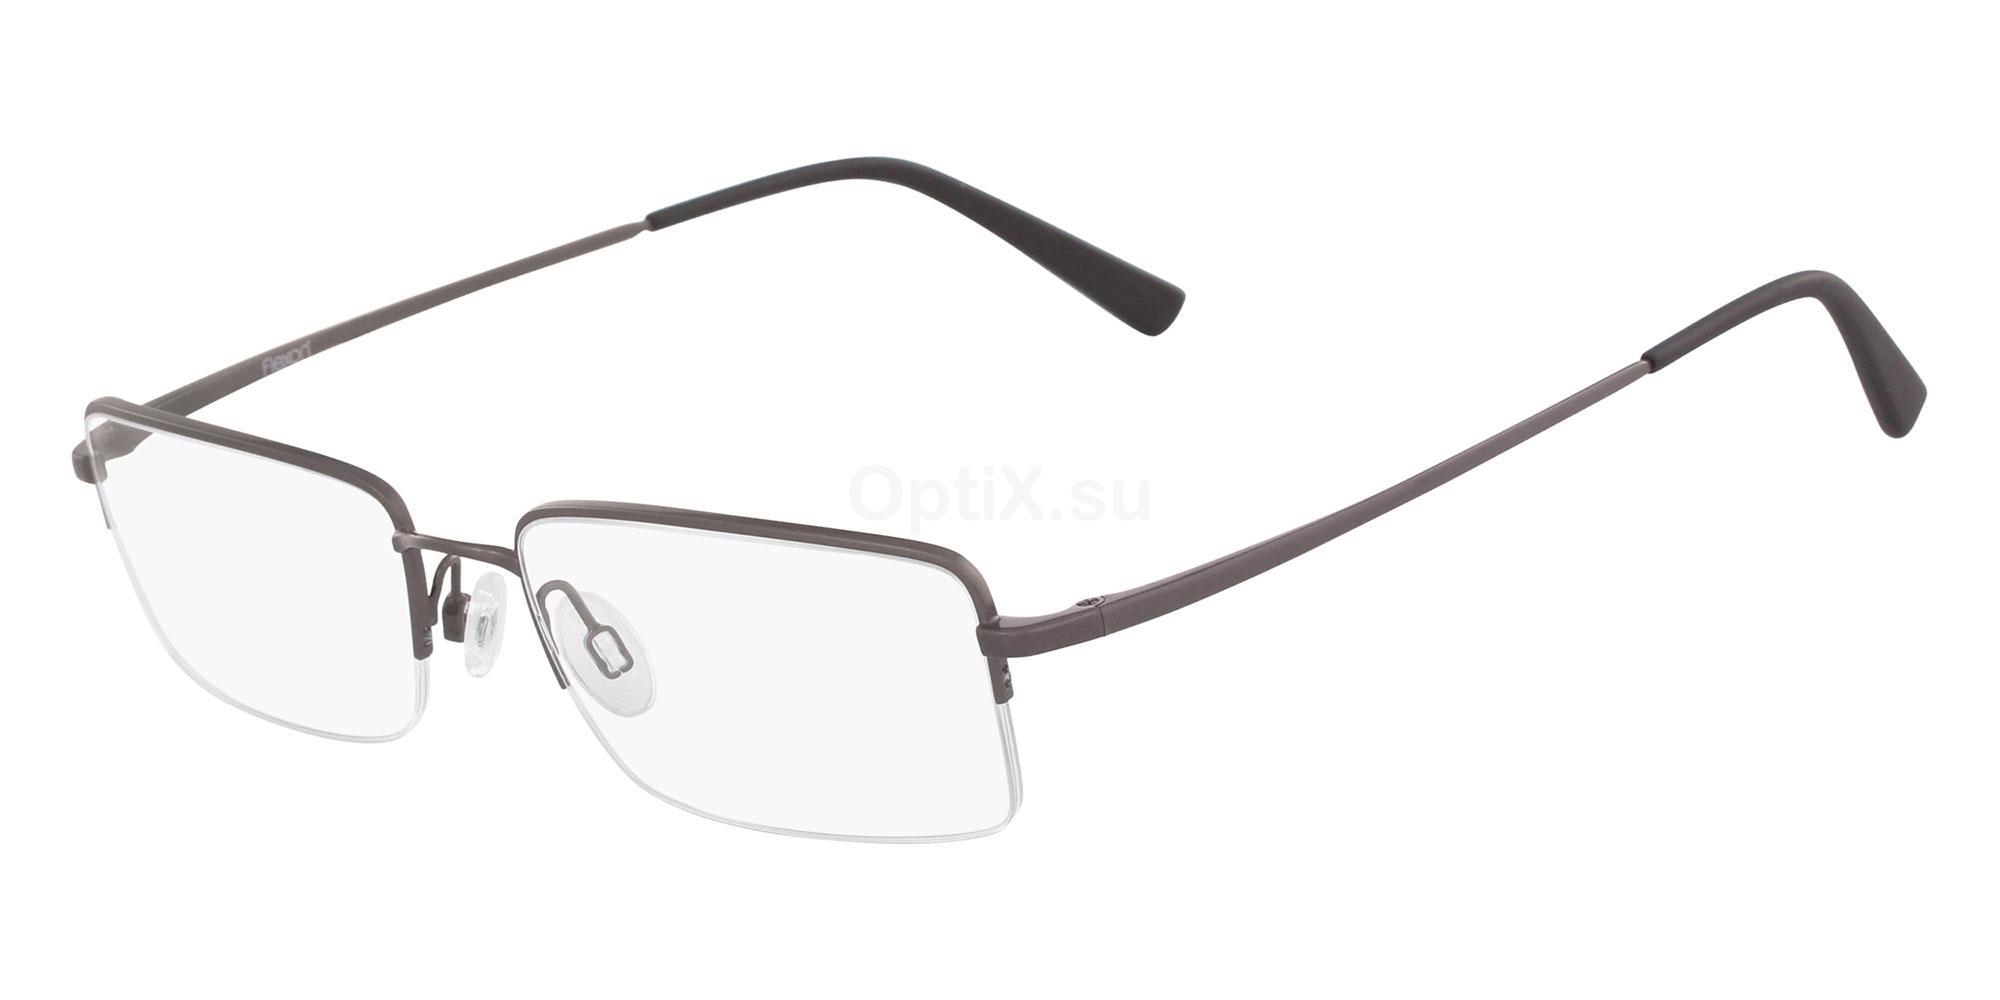 033 FLEXON DAVISSON 600 Glasses, Flexon